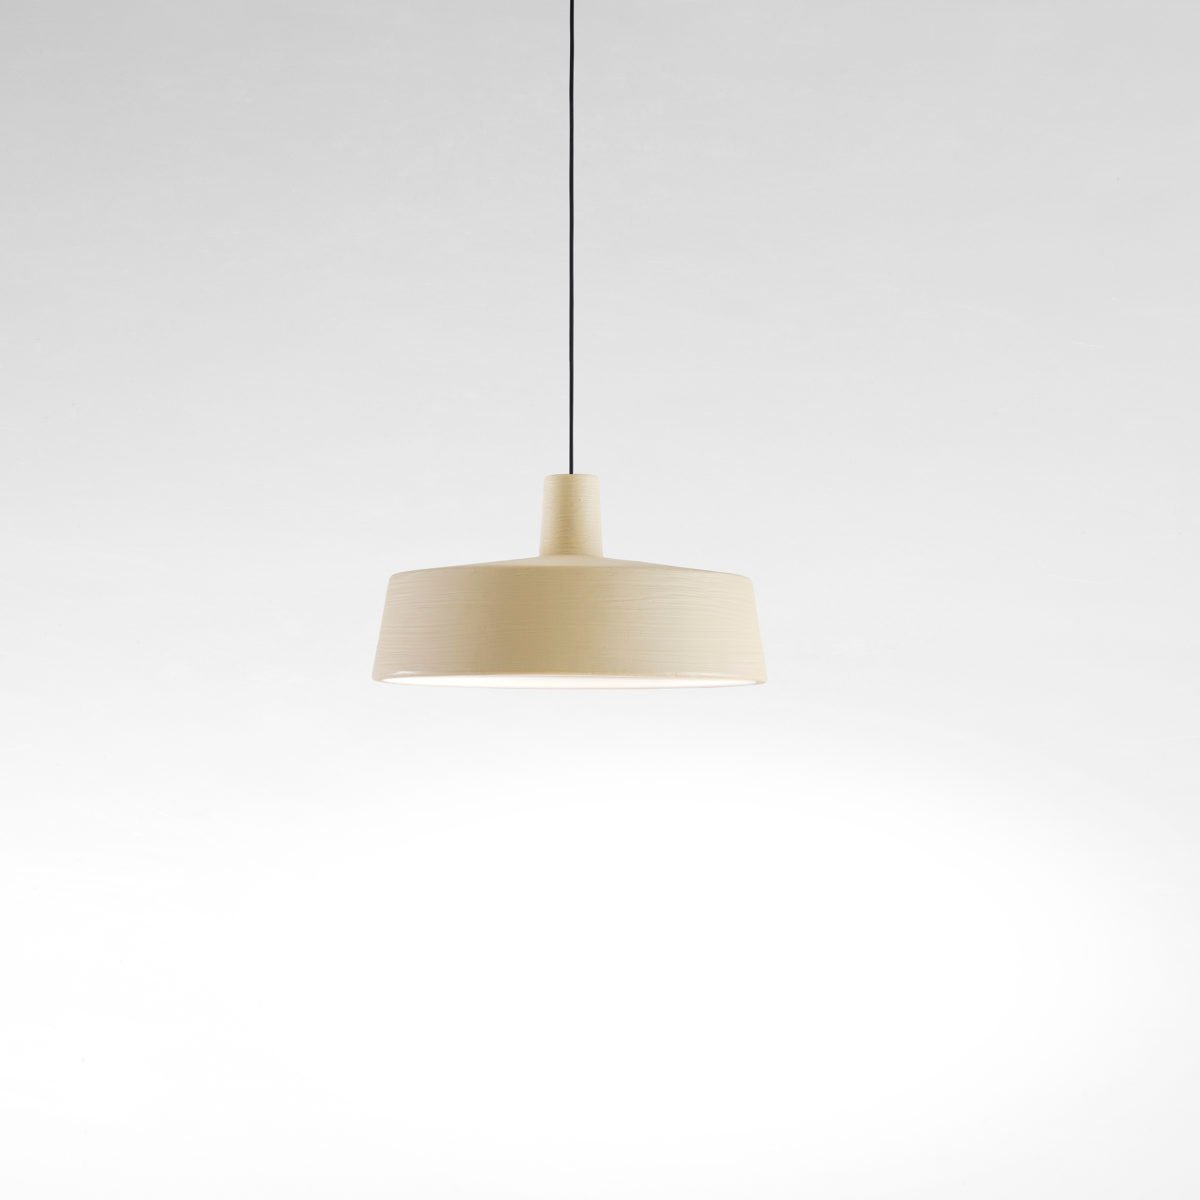 Lamp - Soho